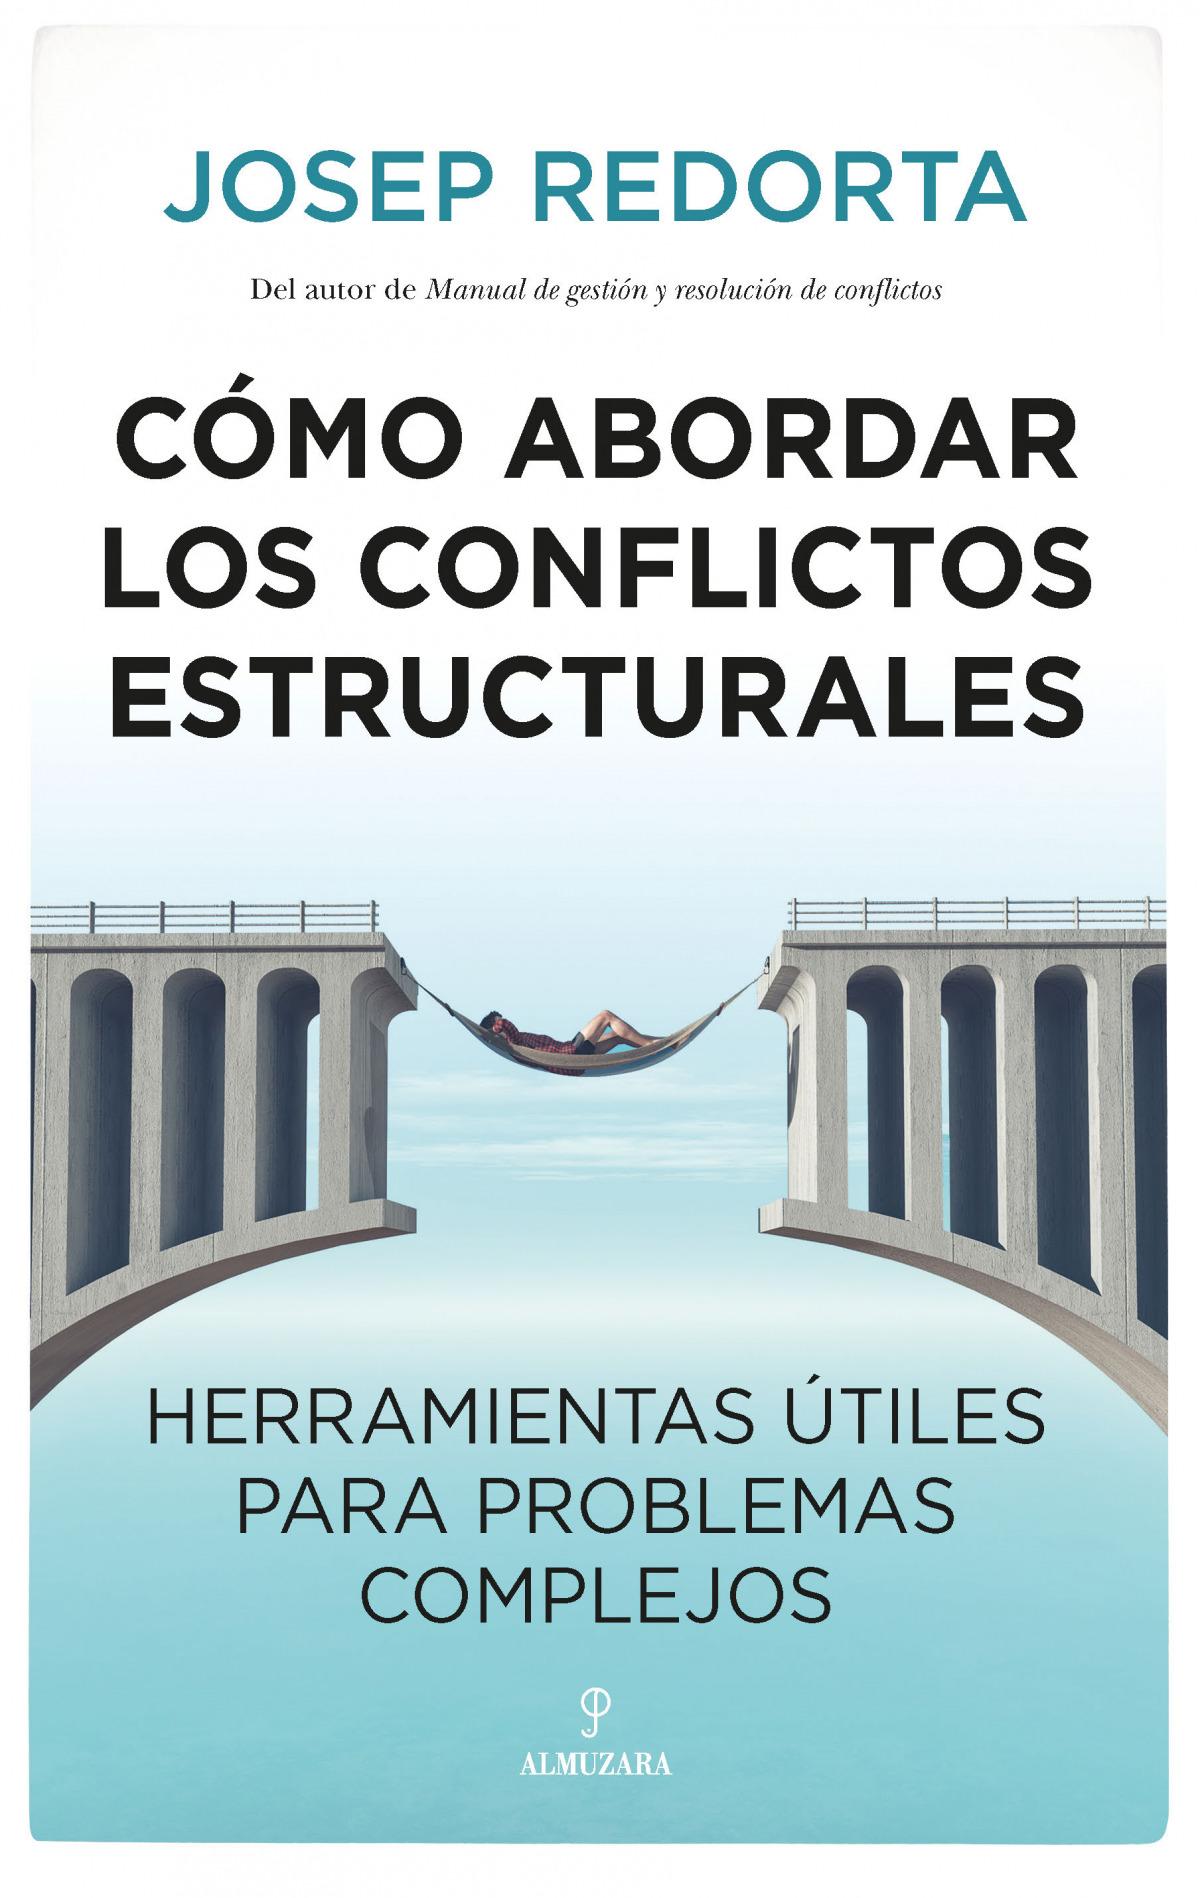 Cómo abordar los conflictos estructurales